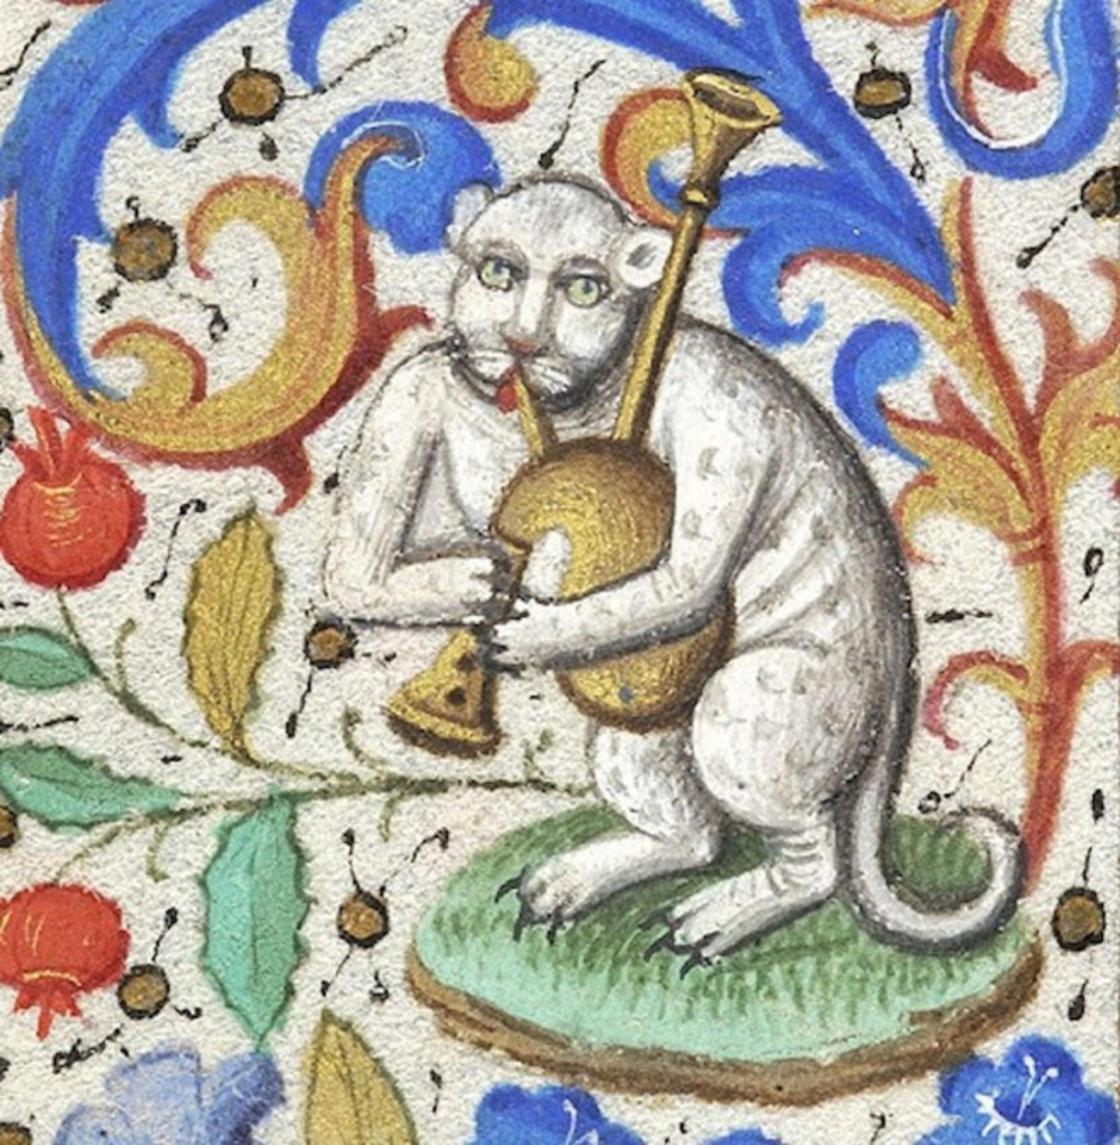 Gato com gaita de fole